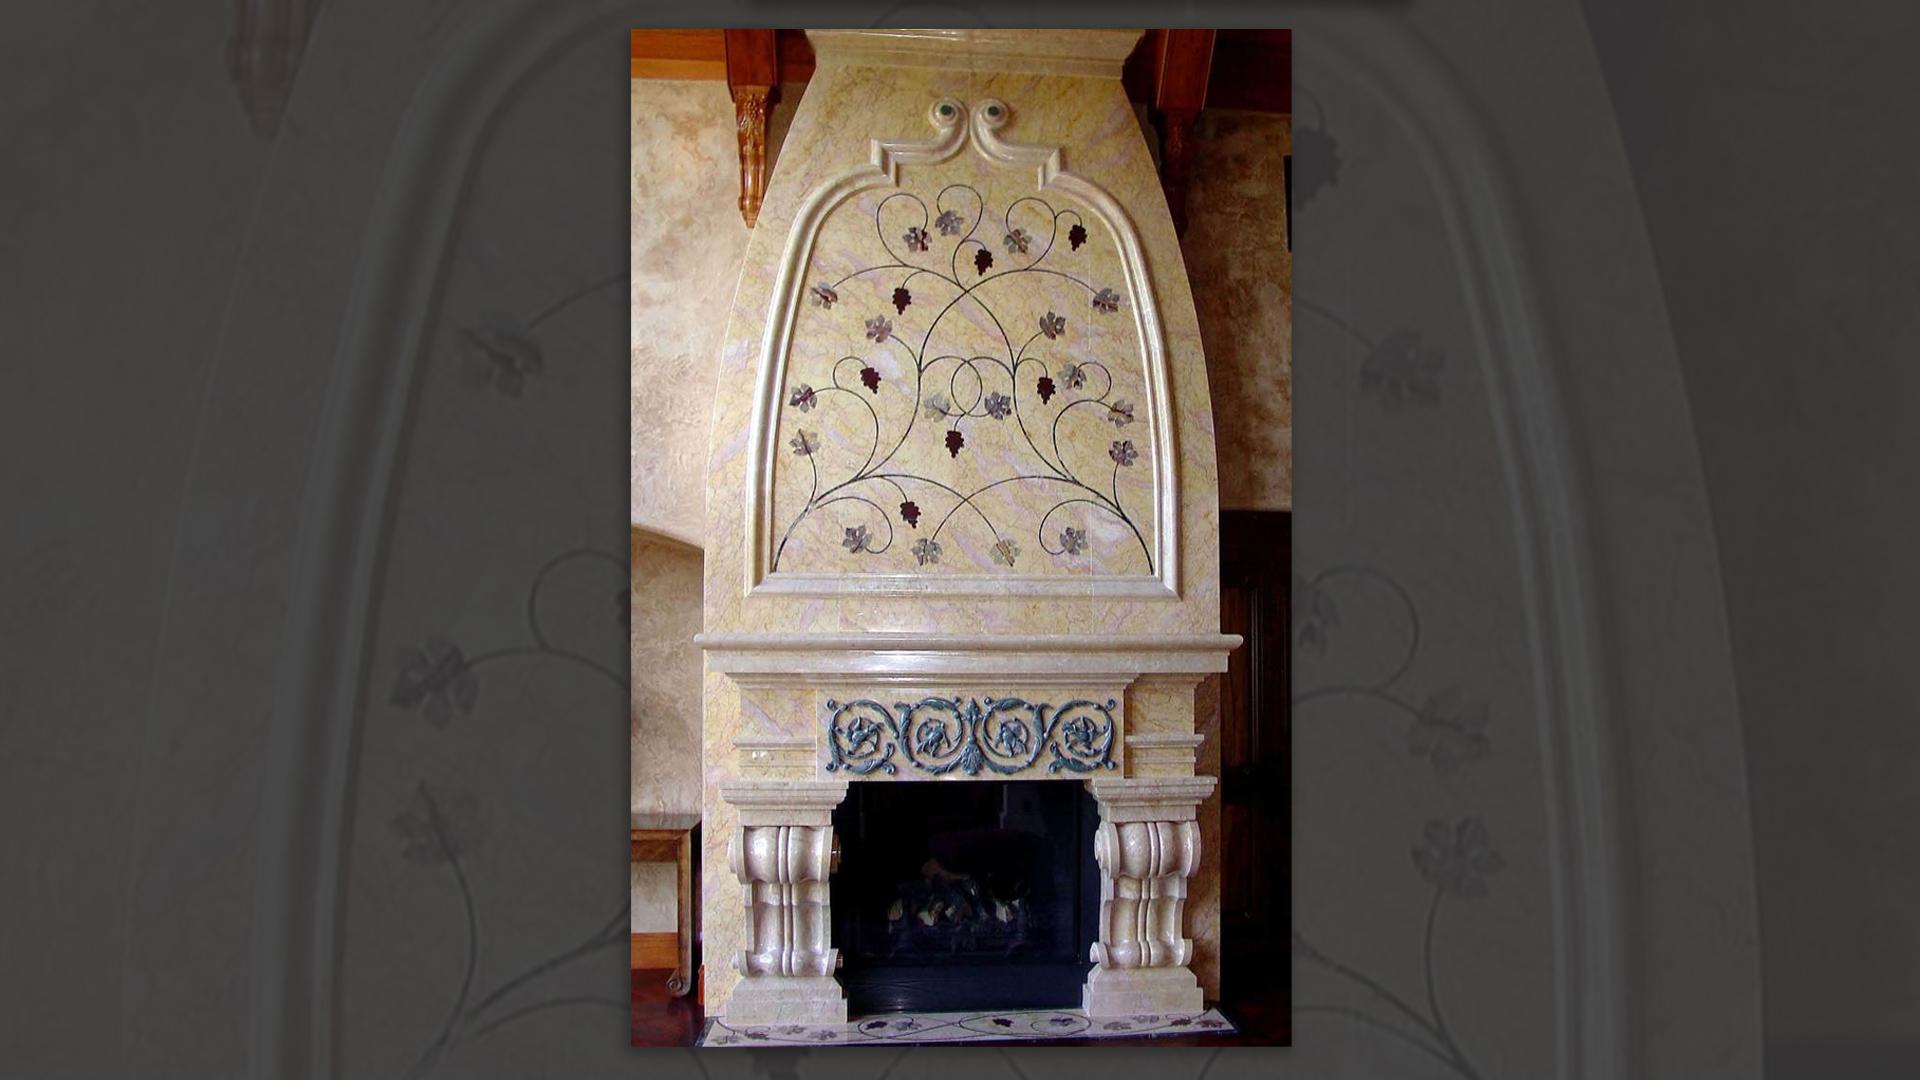 Fireplace Surround with Pietra Dura